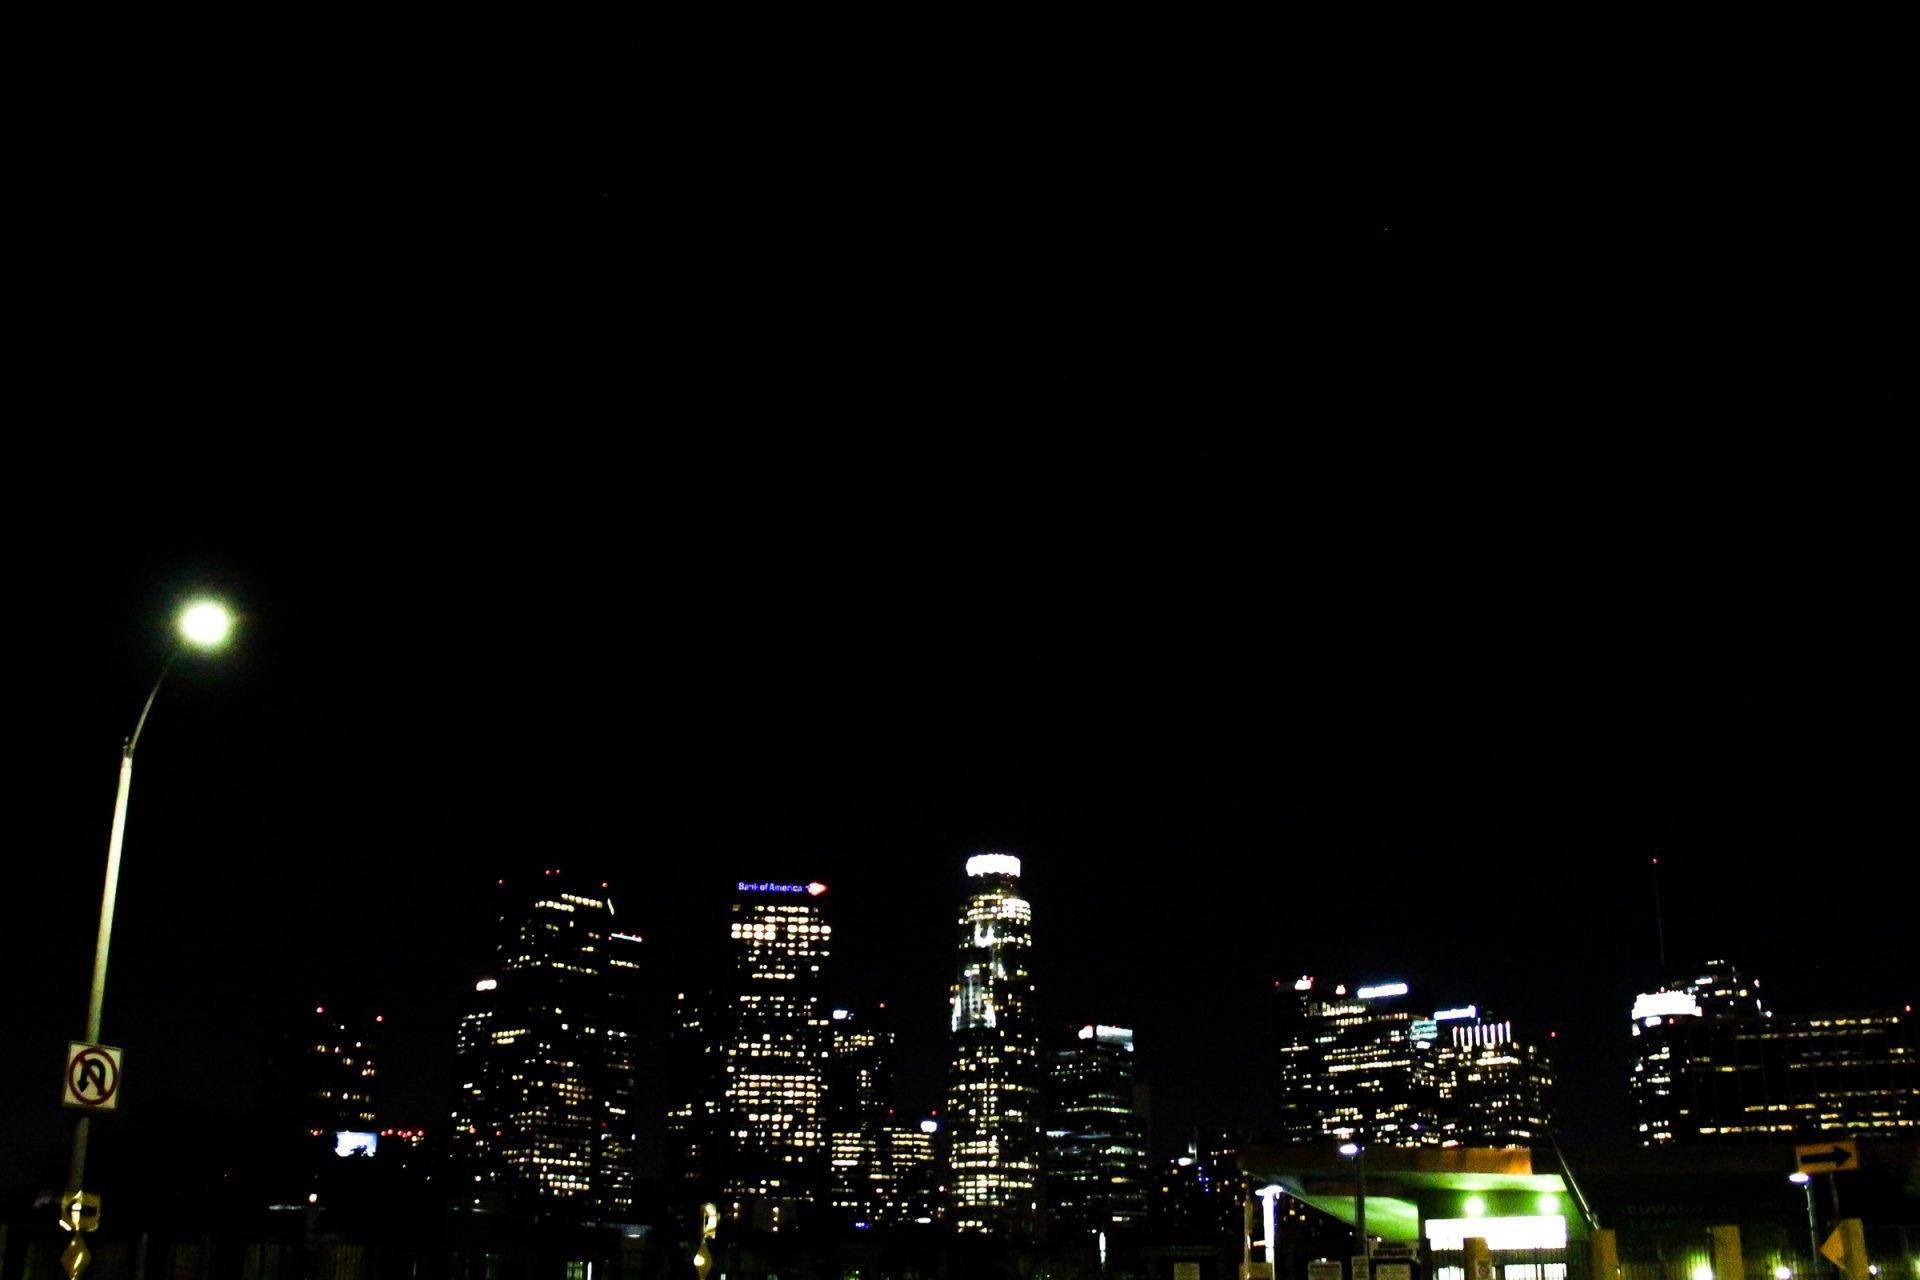 City Buldings At Night